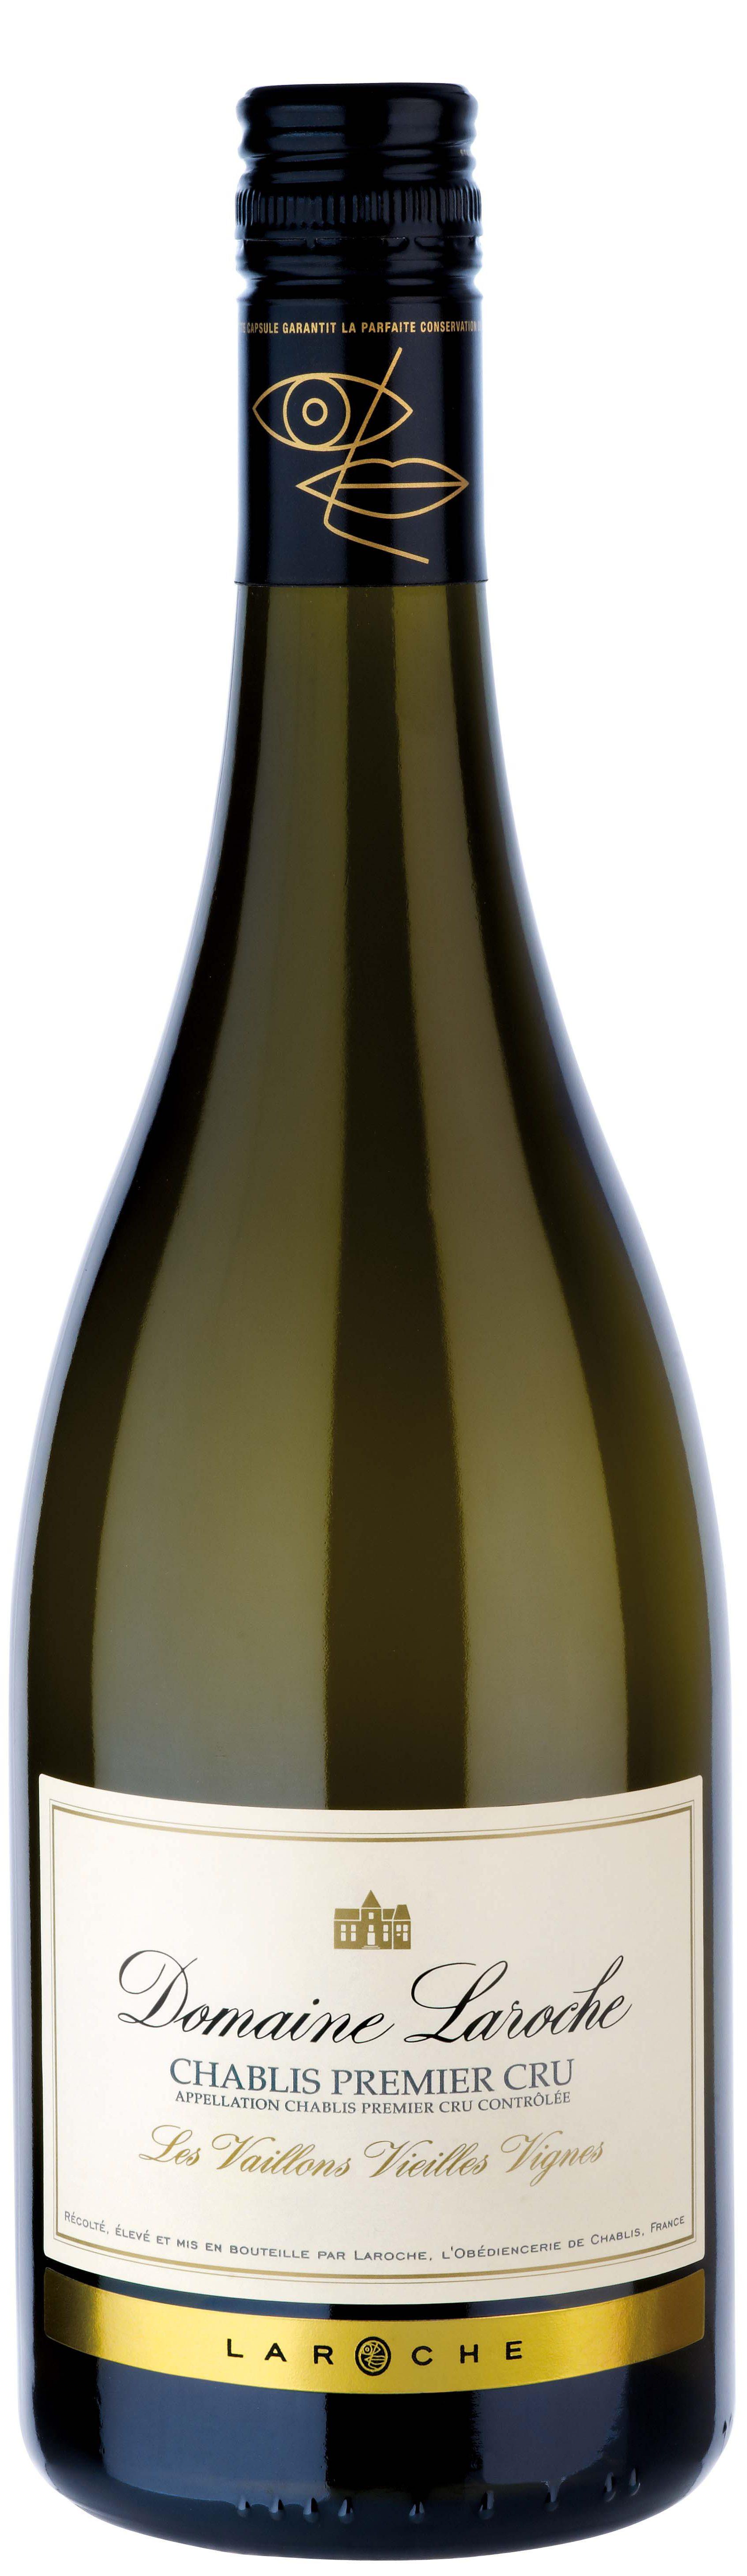 Laroche Chablis Premier Cru Les Vaillons, Vieilles Vignes